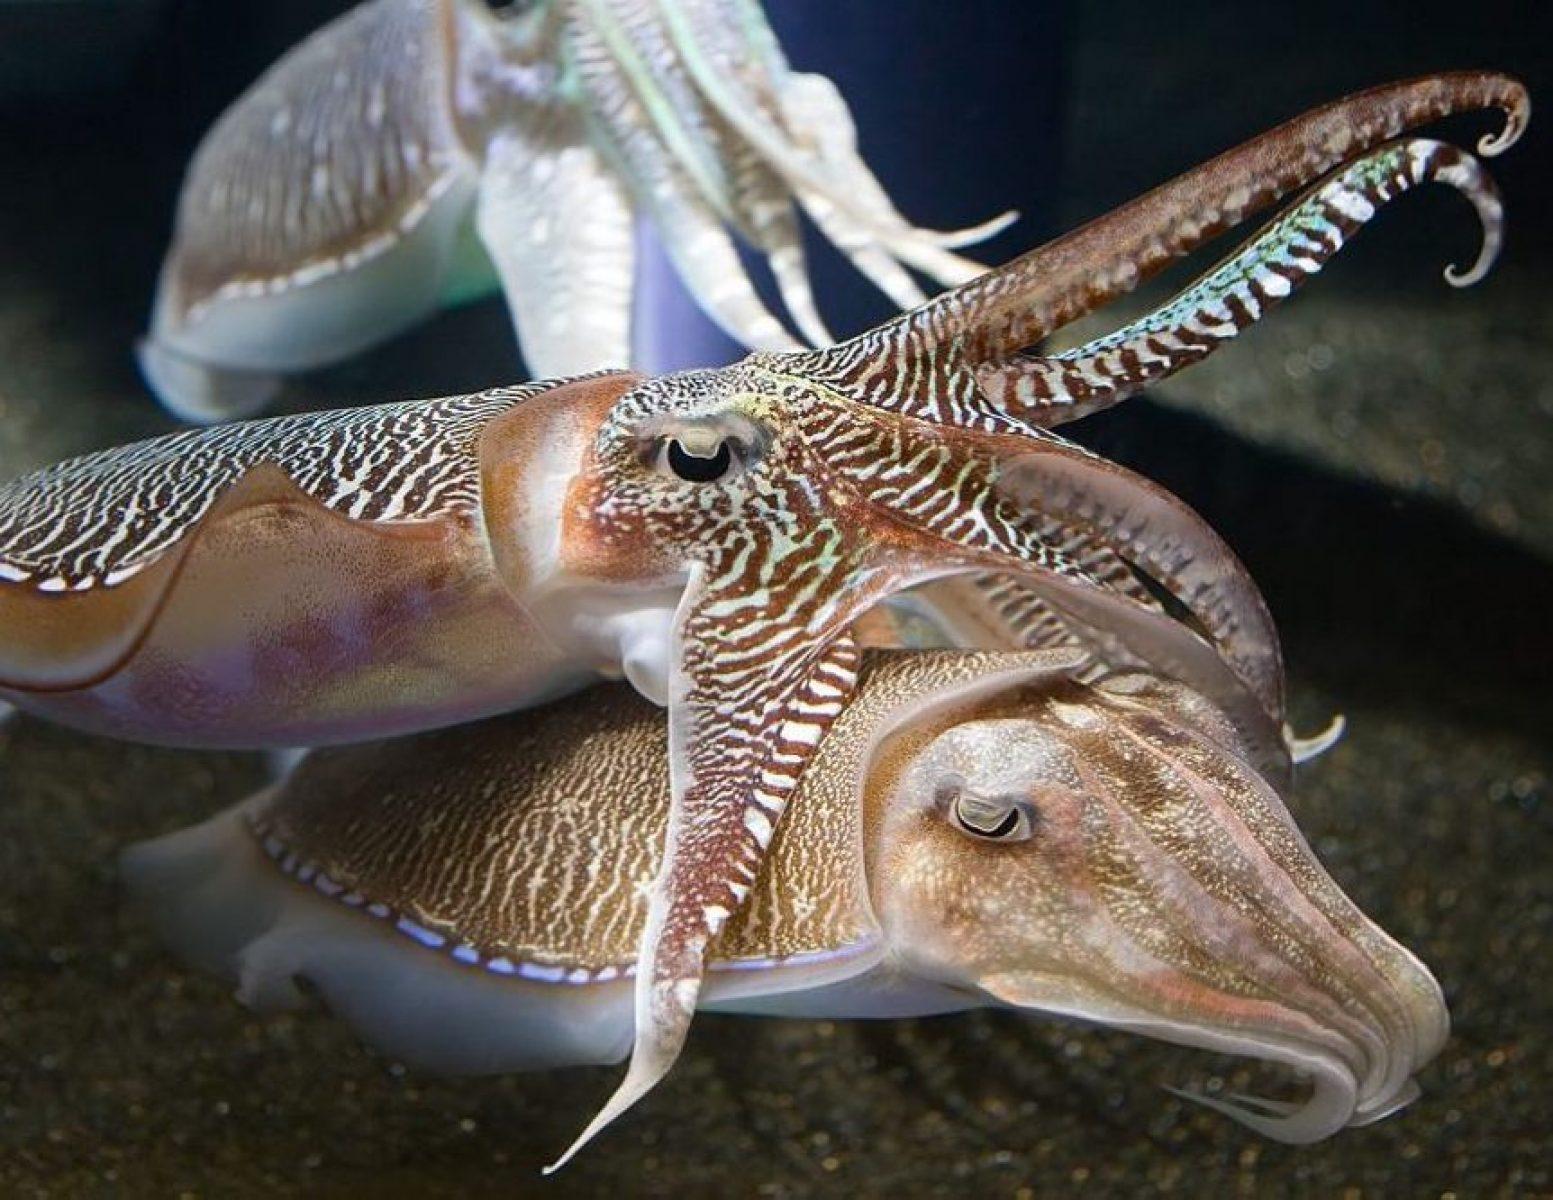 Georgia_Aquarium_-_Sepia_Cuttlefish_Jan_2006-1020x667